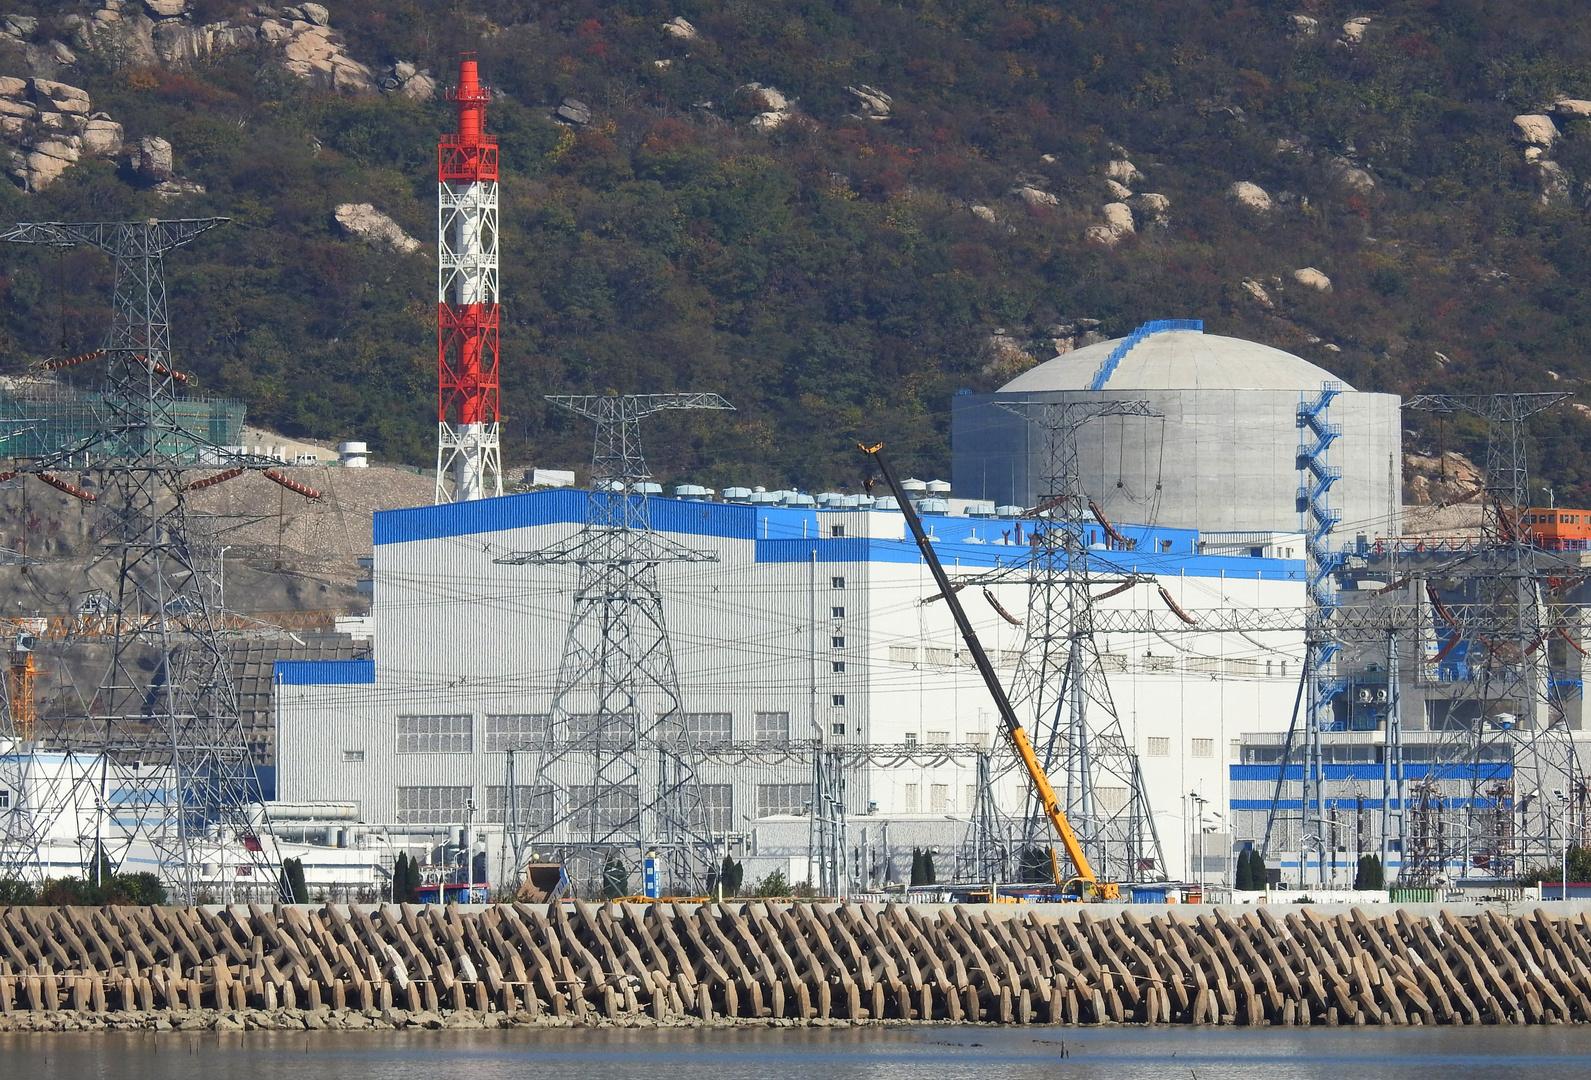 مفاعل نووي في ليانيونغانغ في الصين